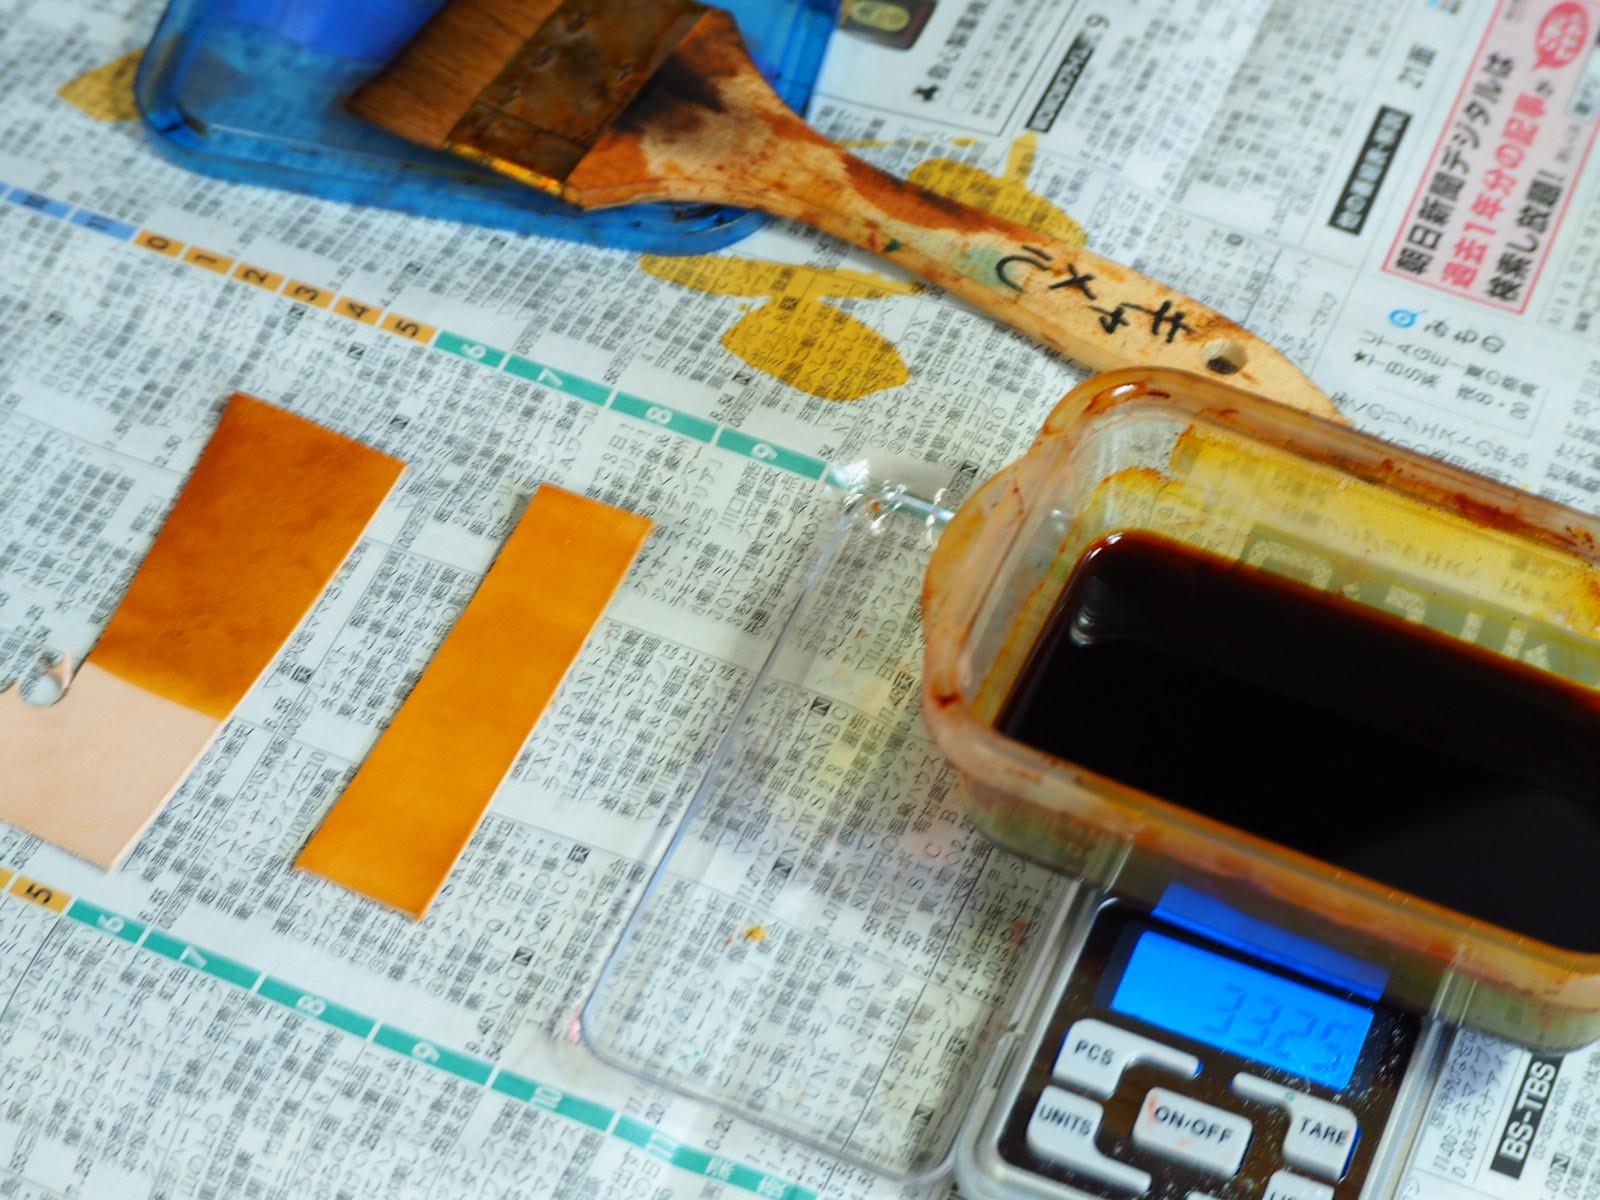 染色ピースと混色と濃度調整とオーダー品。